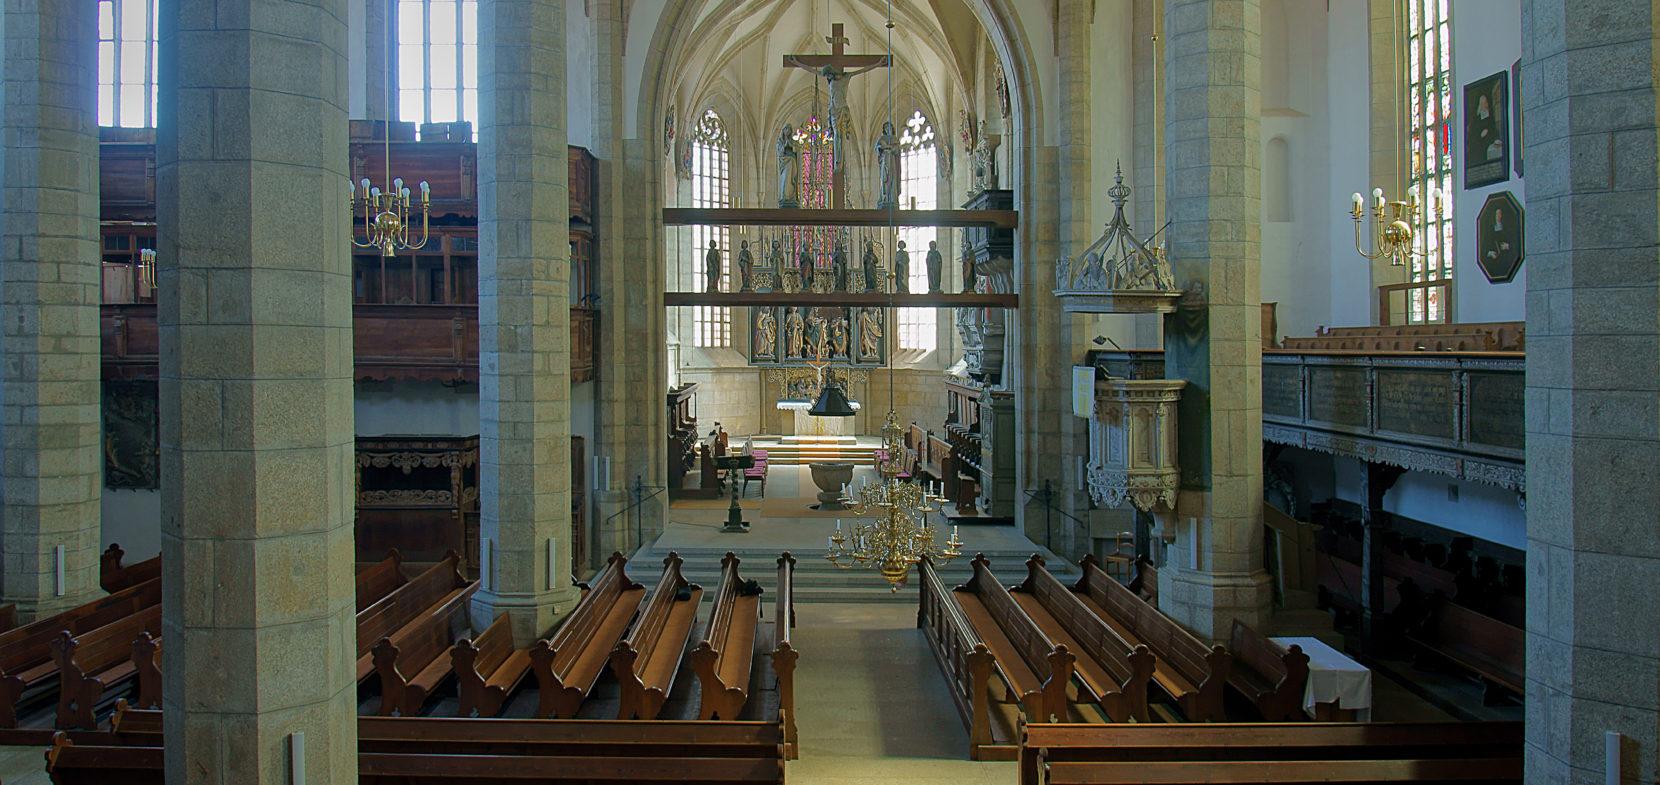 Ev.-Luth. Kirchgemeinde Kamenz-Cunnersdorf (Schwesterkirchverhältnis Kamenz-Cunnersdorf mit SK Elstra-Prietitz-Schmeckwitz, Königsbrück-Höckendorf, Schwepnitz-Neukirch-Schmorkau, Oßling, Großgrabe)